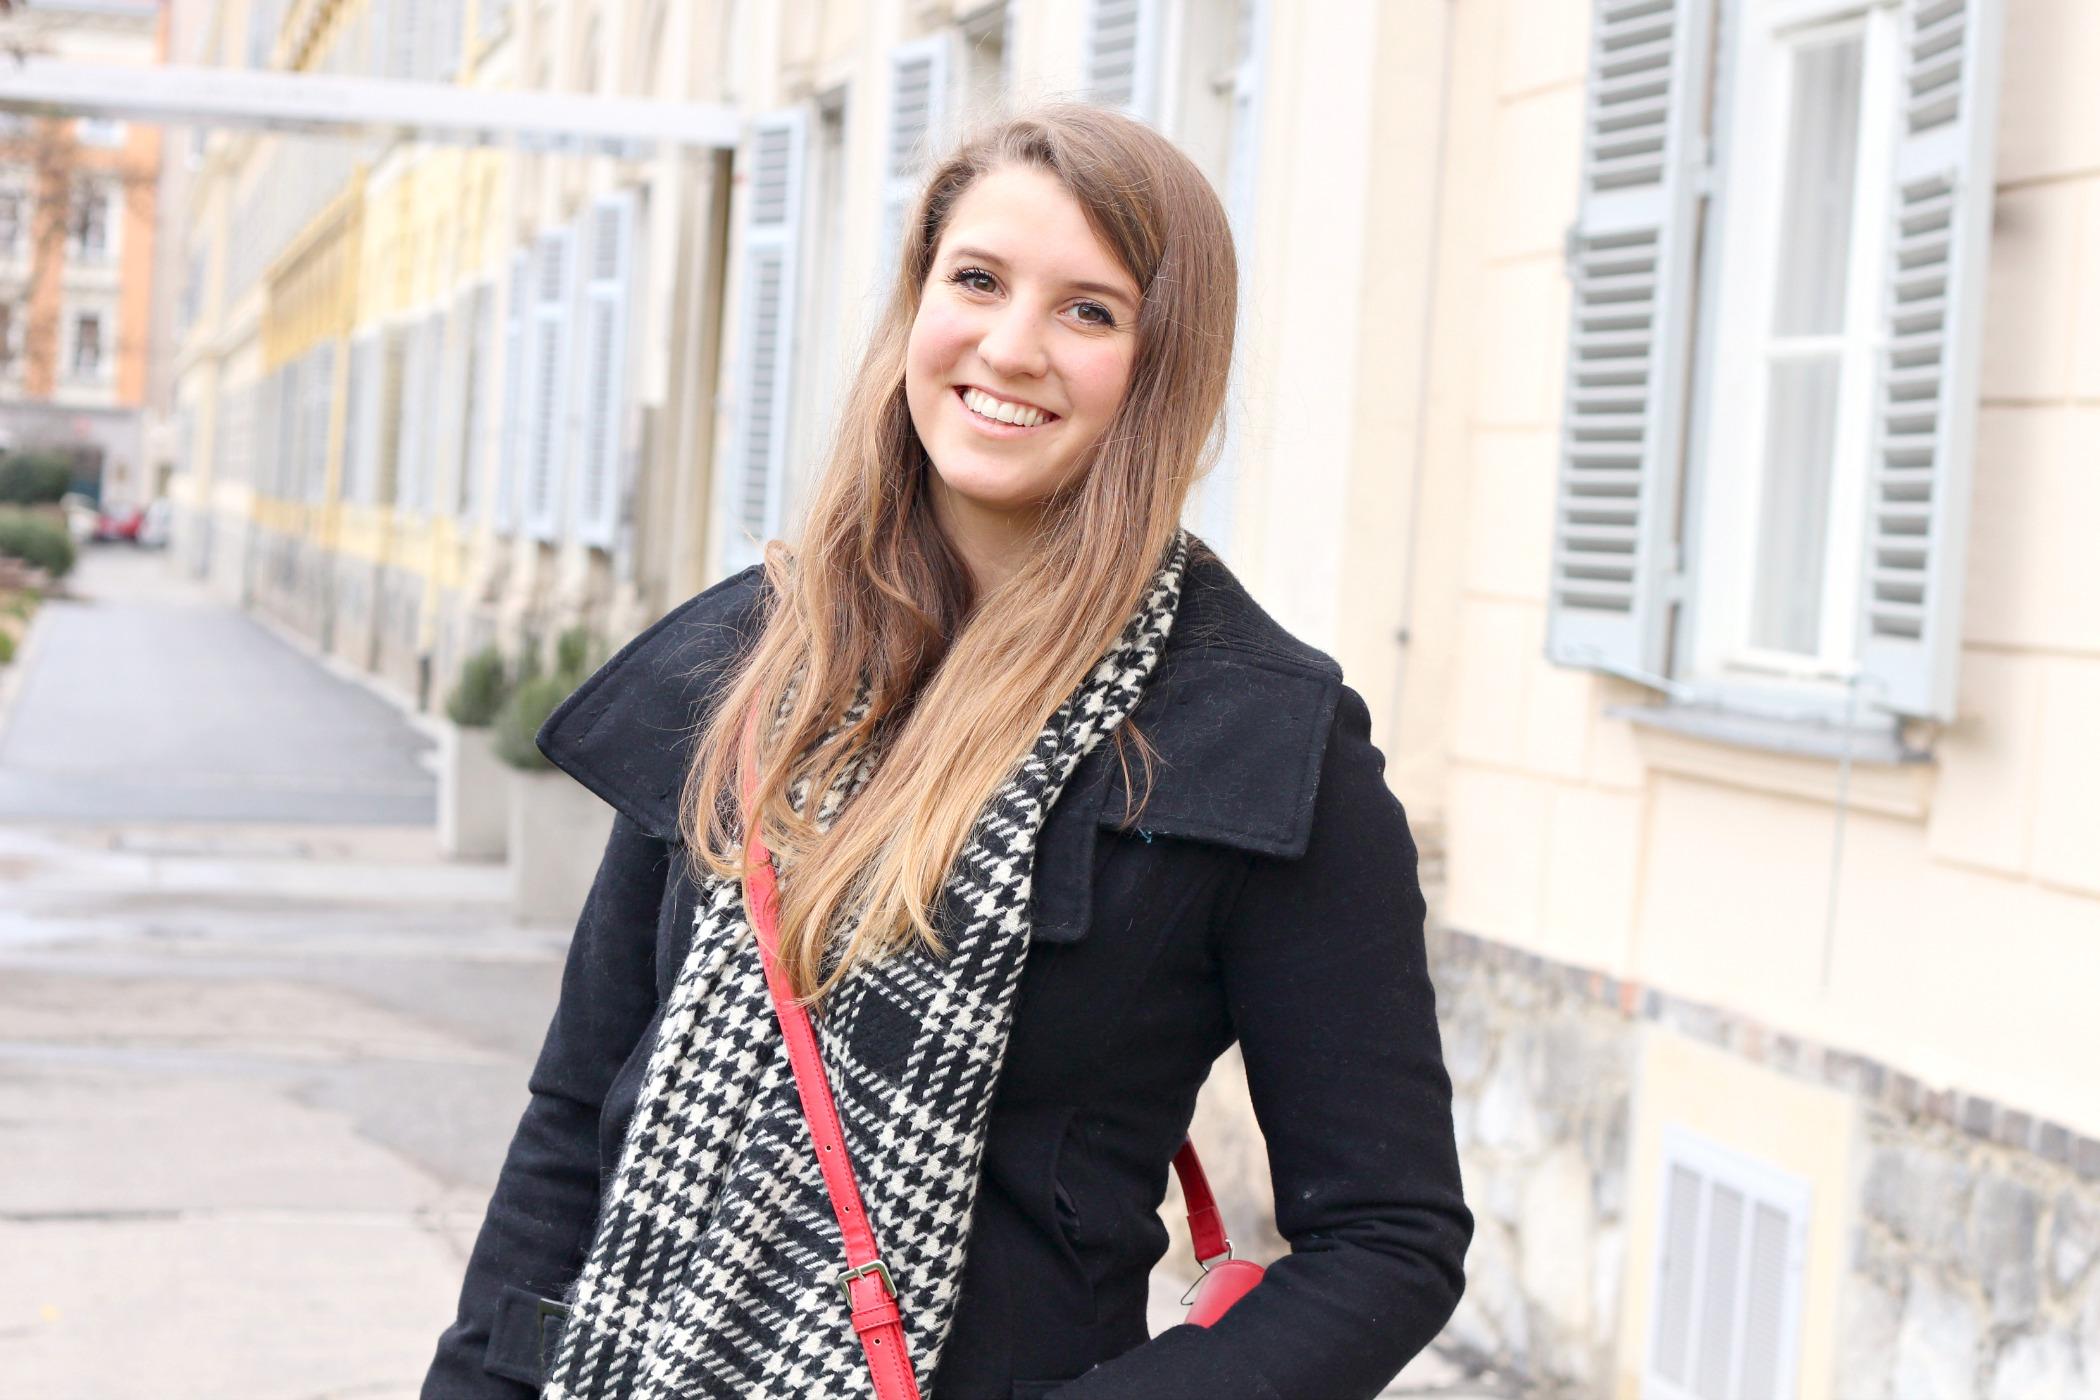 fitnessblog-lifestyleblog-blog-österreich-graz-klara-fuchs-blogger-lifestyle-stadt-outfit2